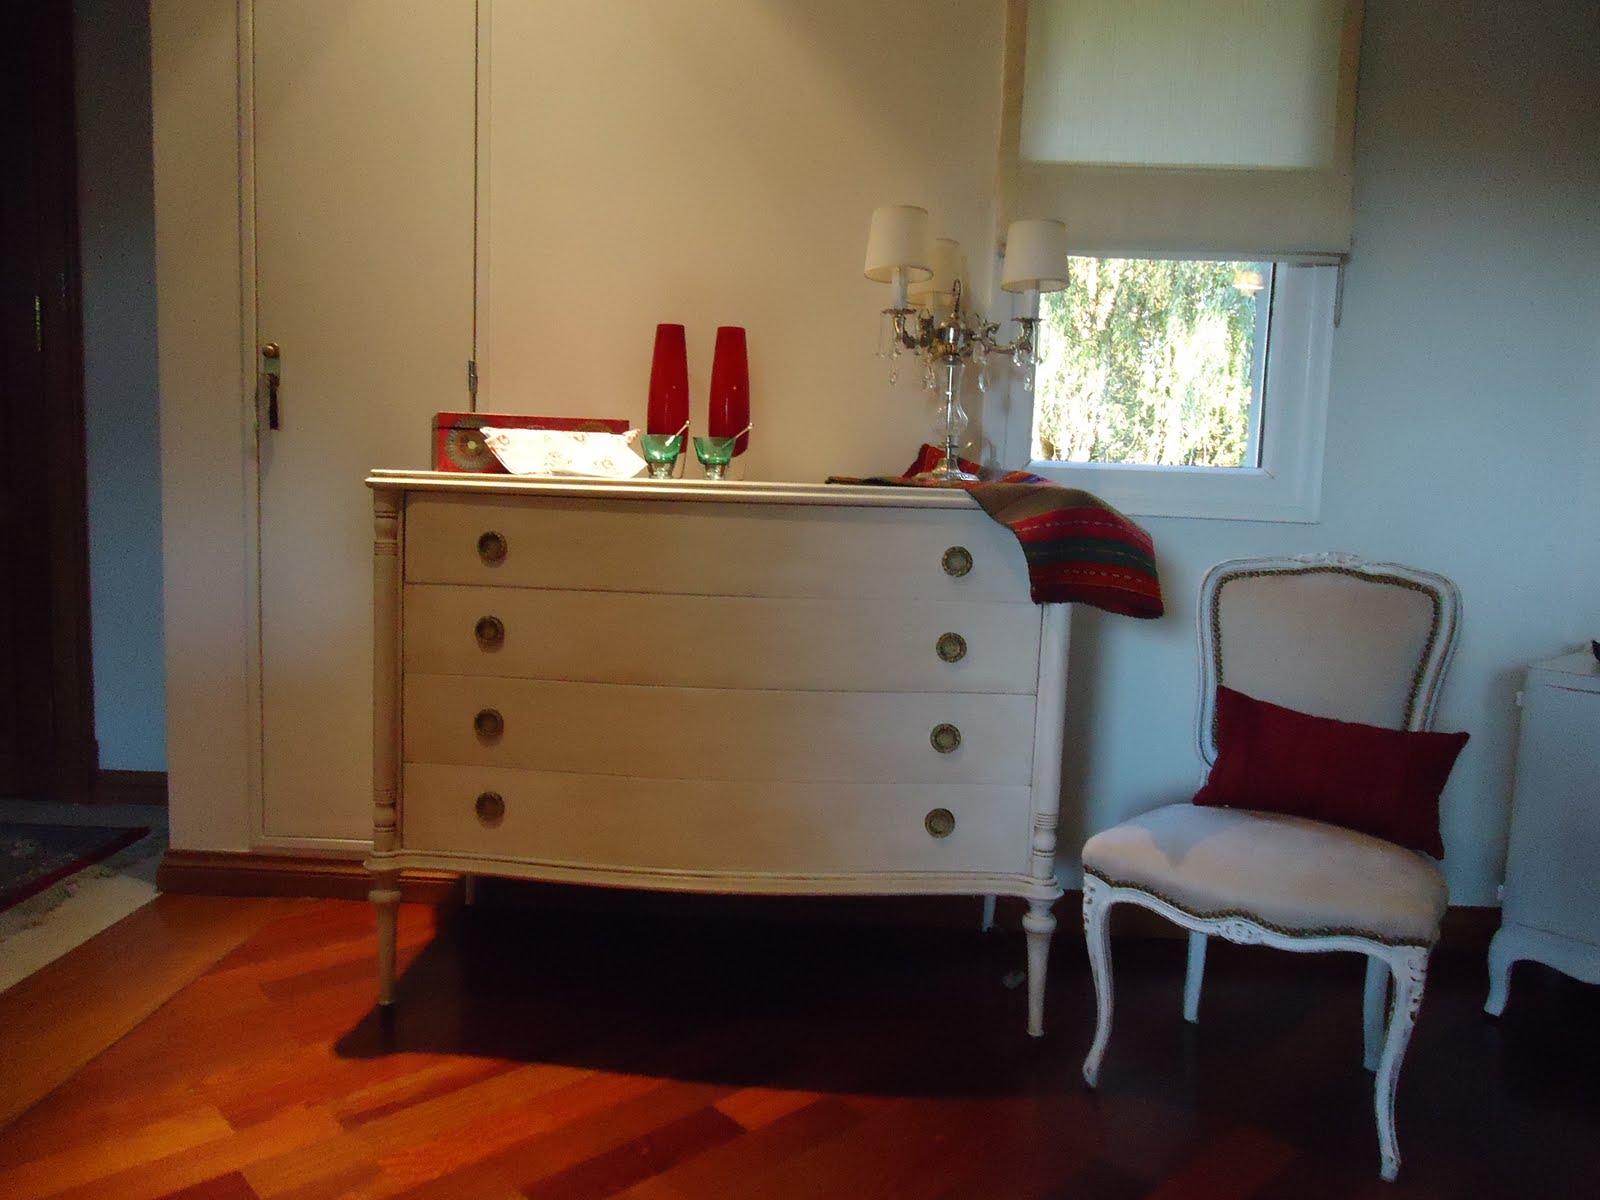 Vintouch muebles reciclados pintados a mano comoda - Muebles estilo antiguo ...